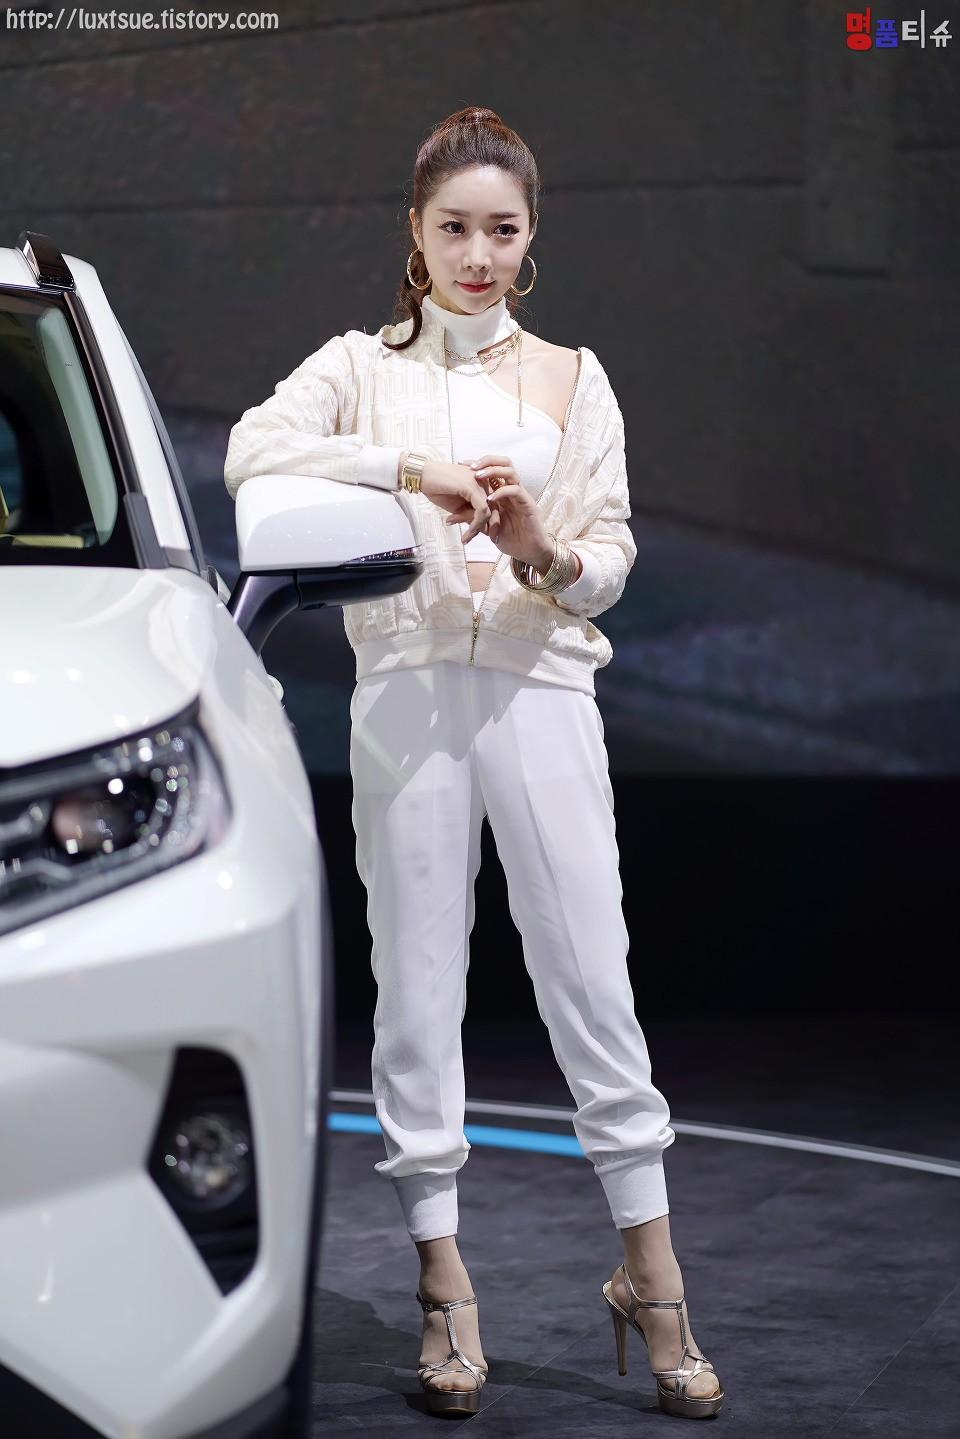 Ngợp mắt trước vẻ gợi cảm từ đầu xuống chân của các mỹ nữ Hàn Quốc - 20